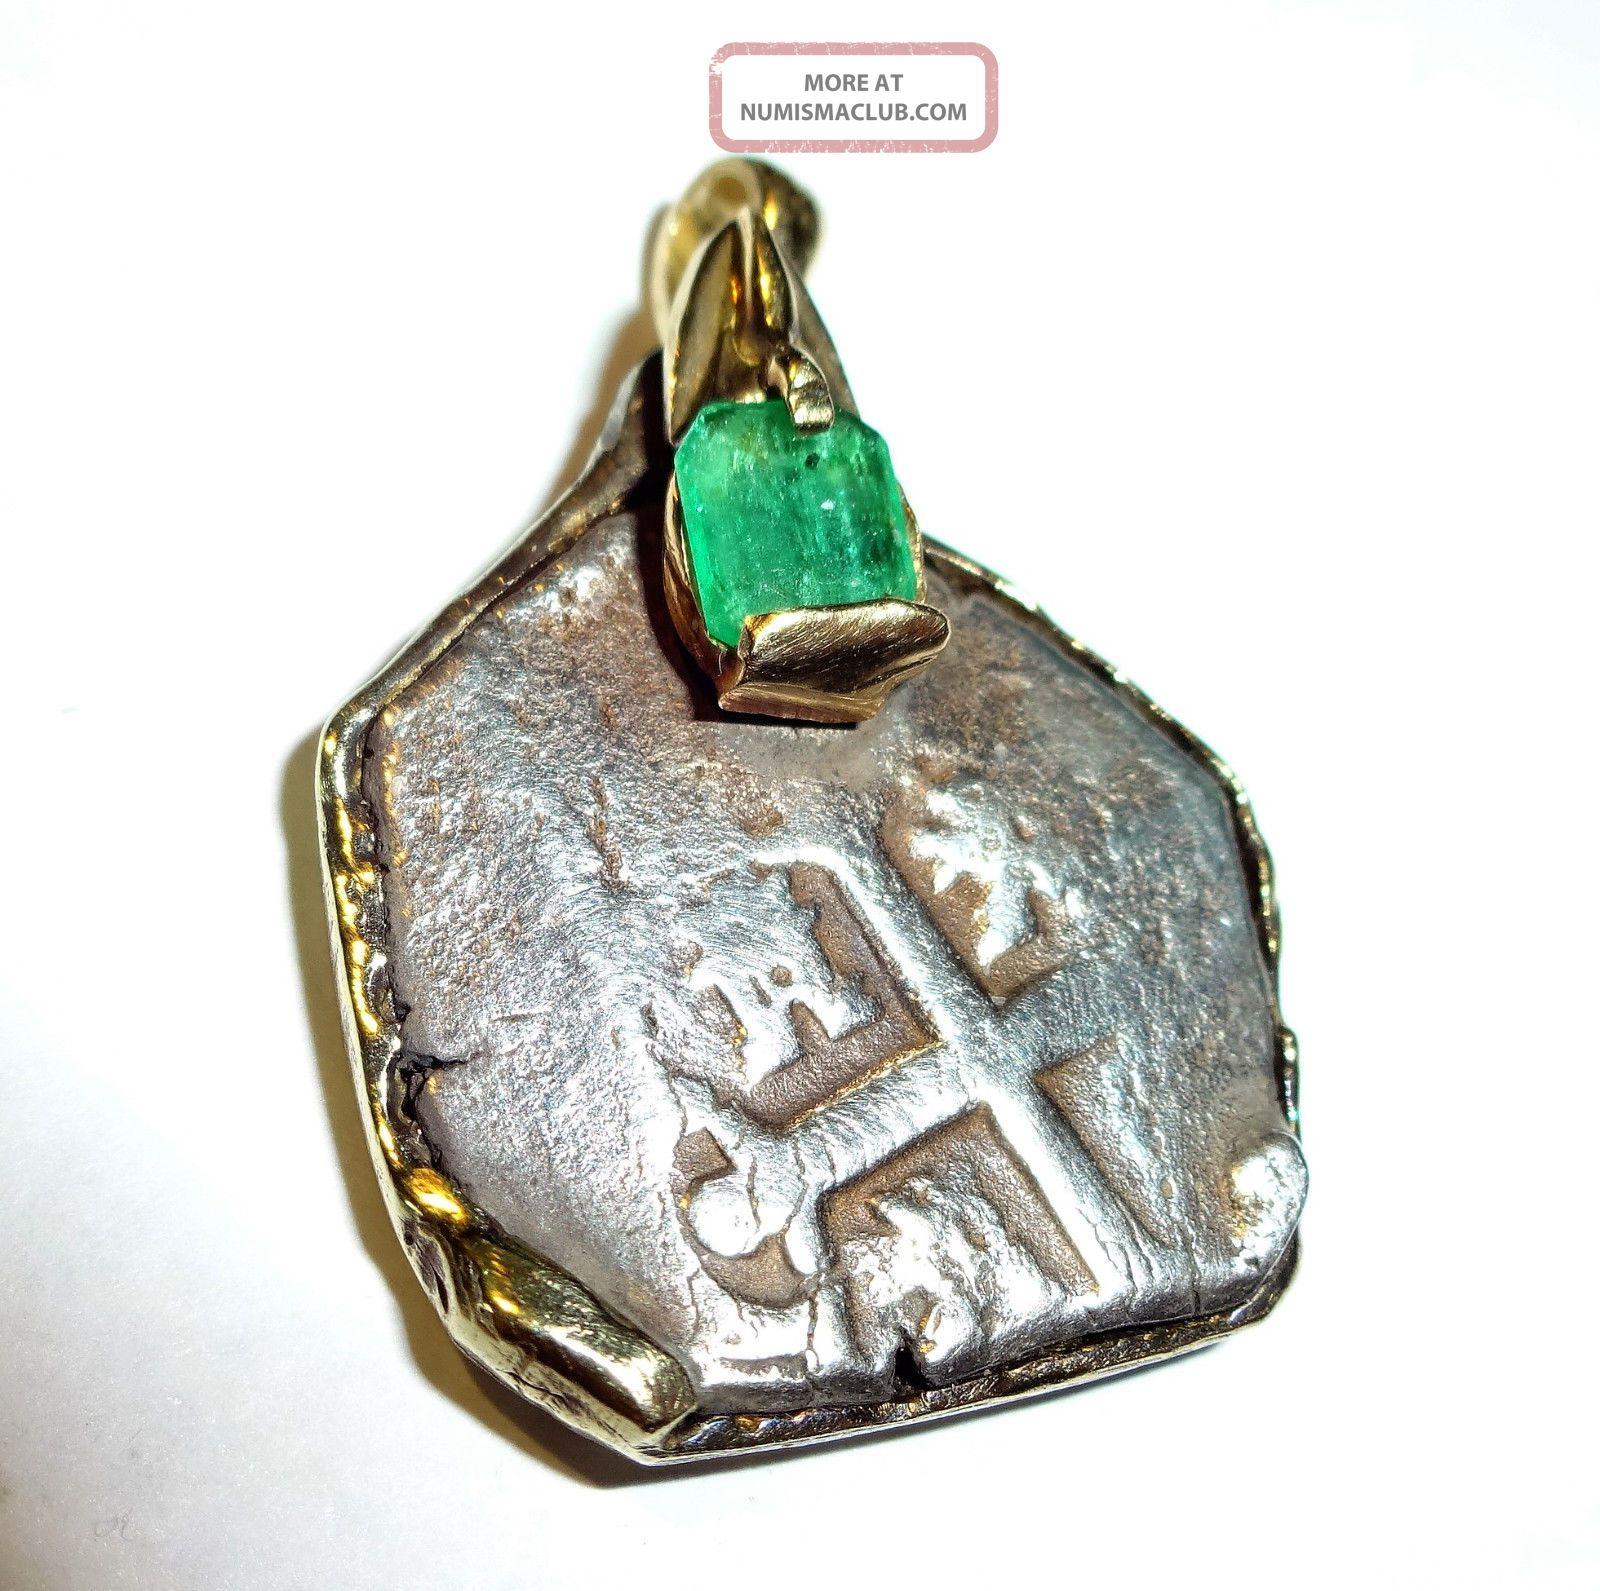 Silver Spanish 2 Reales Treassure Cob Coin 14k & Emerald Pendant No Resv South America photo